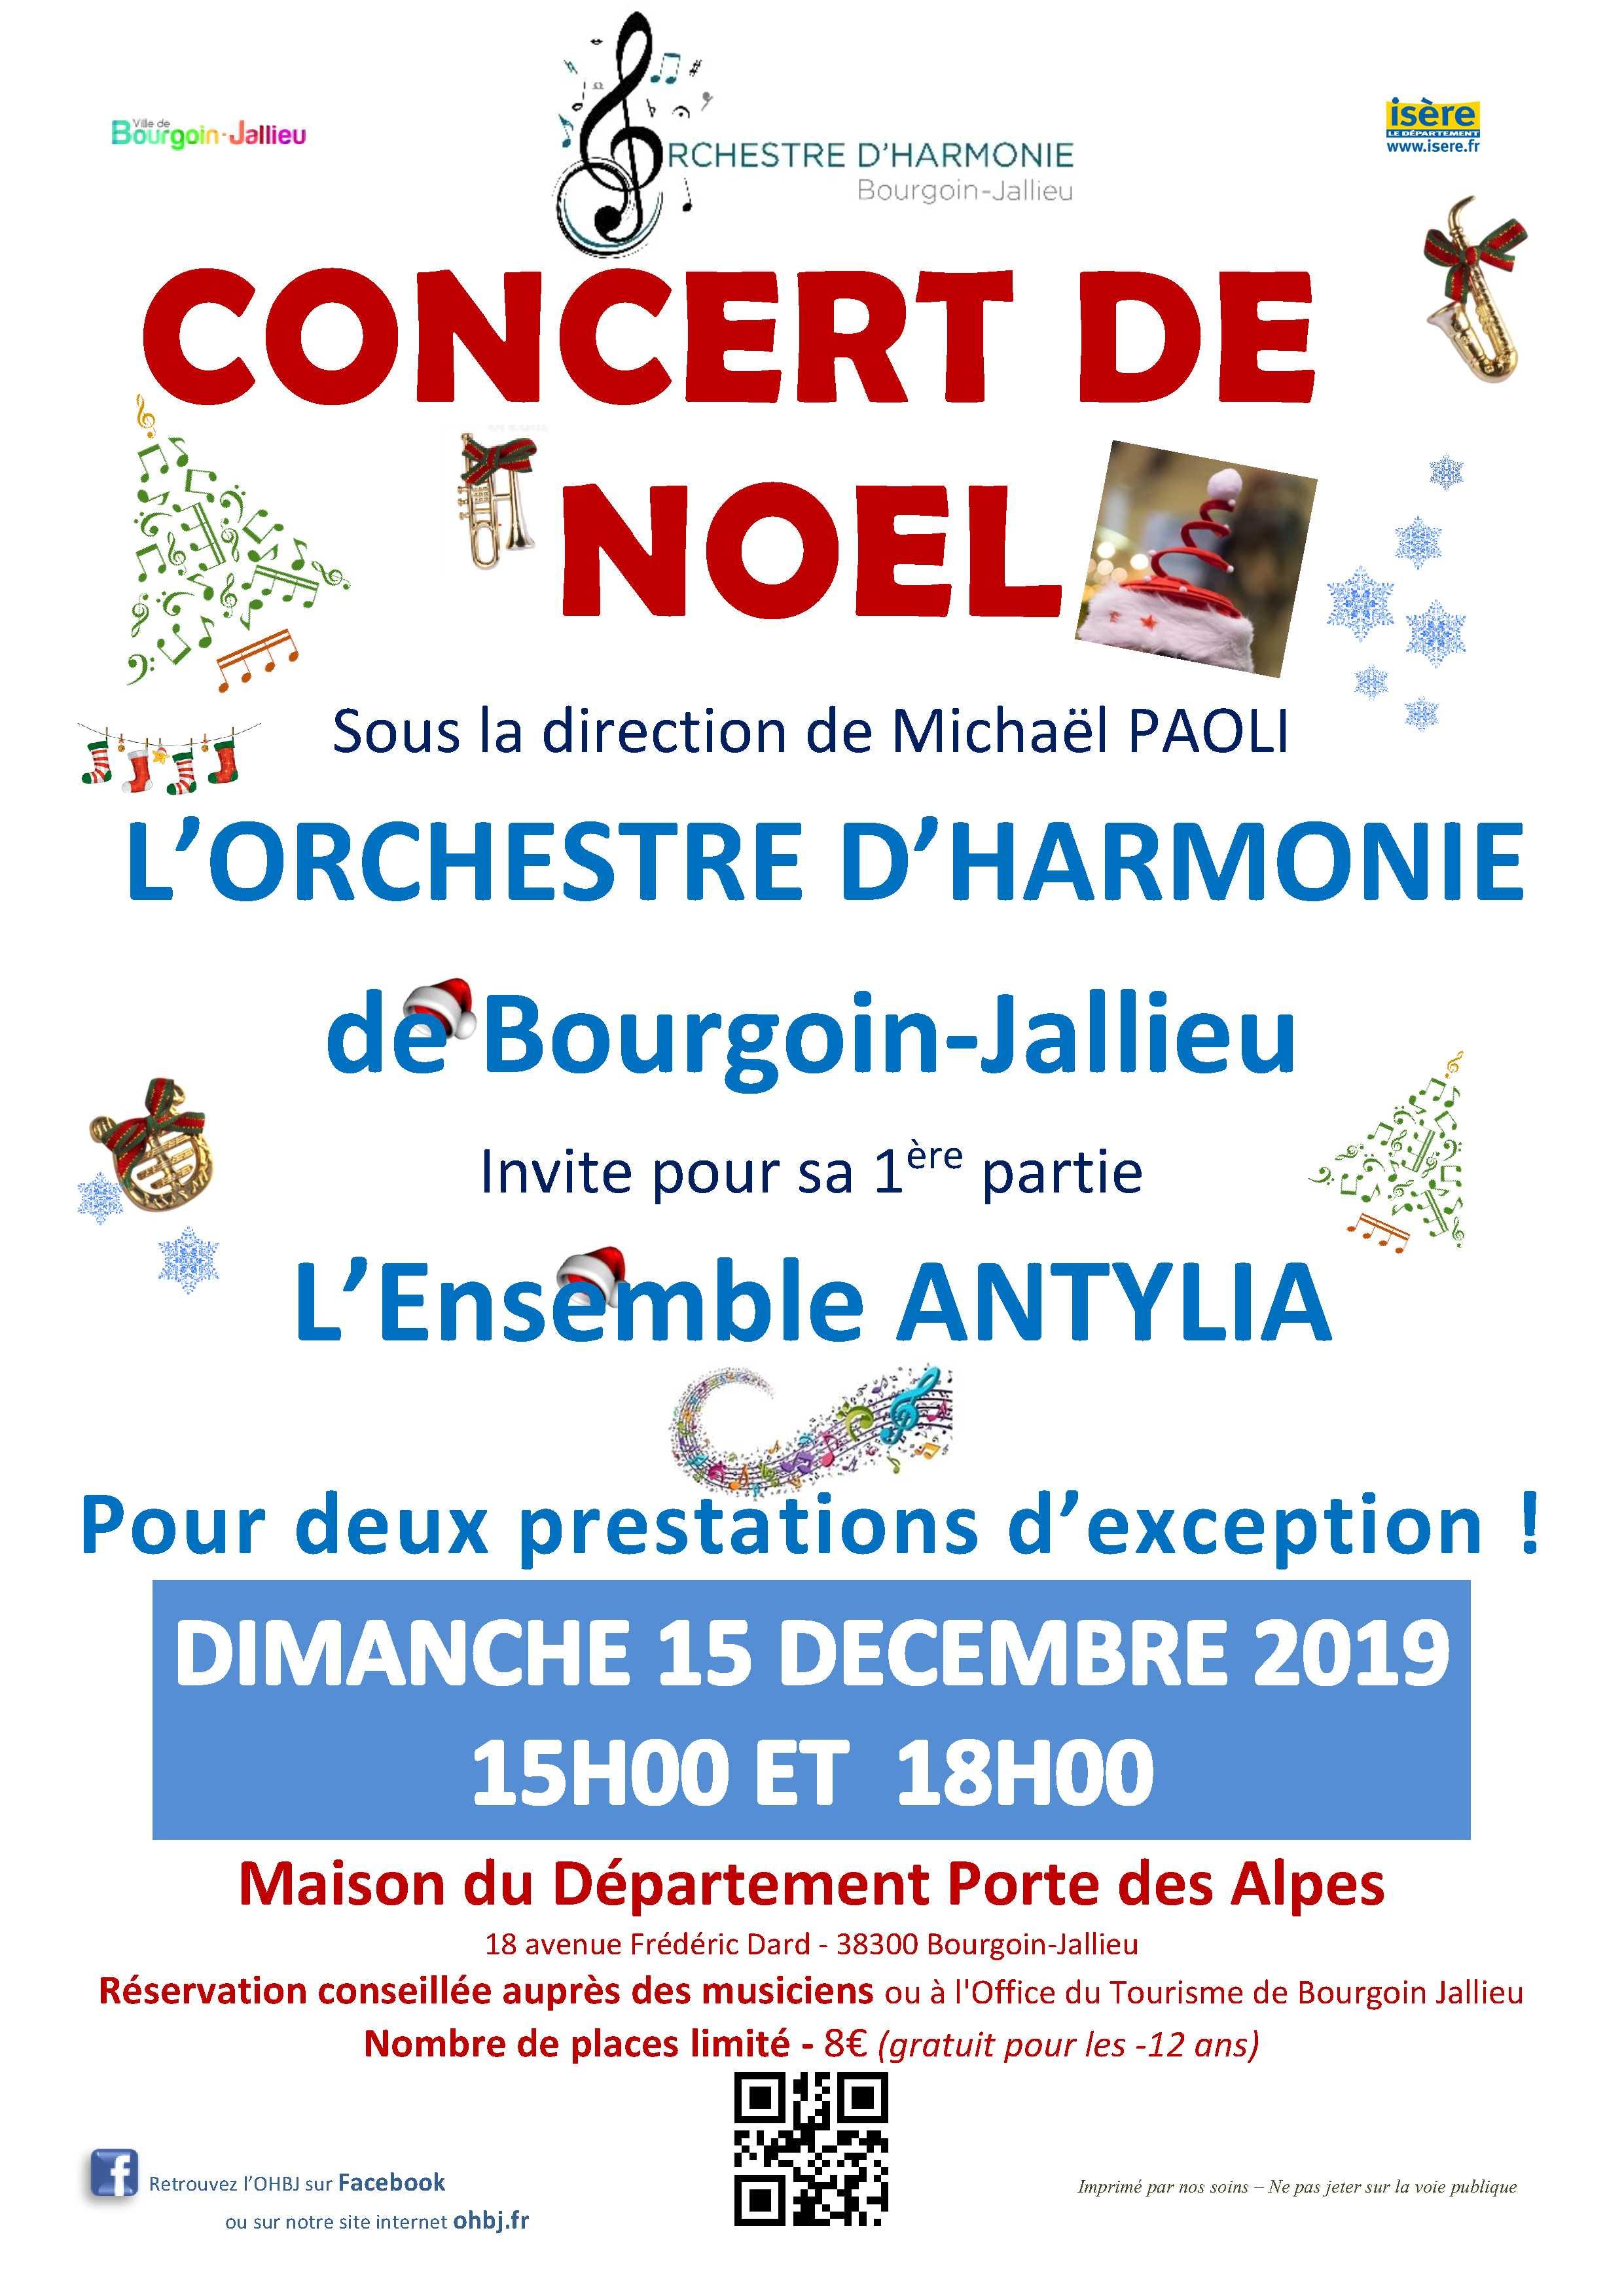 Concert de noel 2019 harmonie de Bourgoin Jallieu